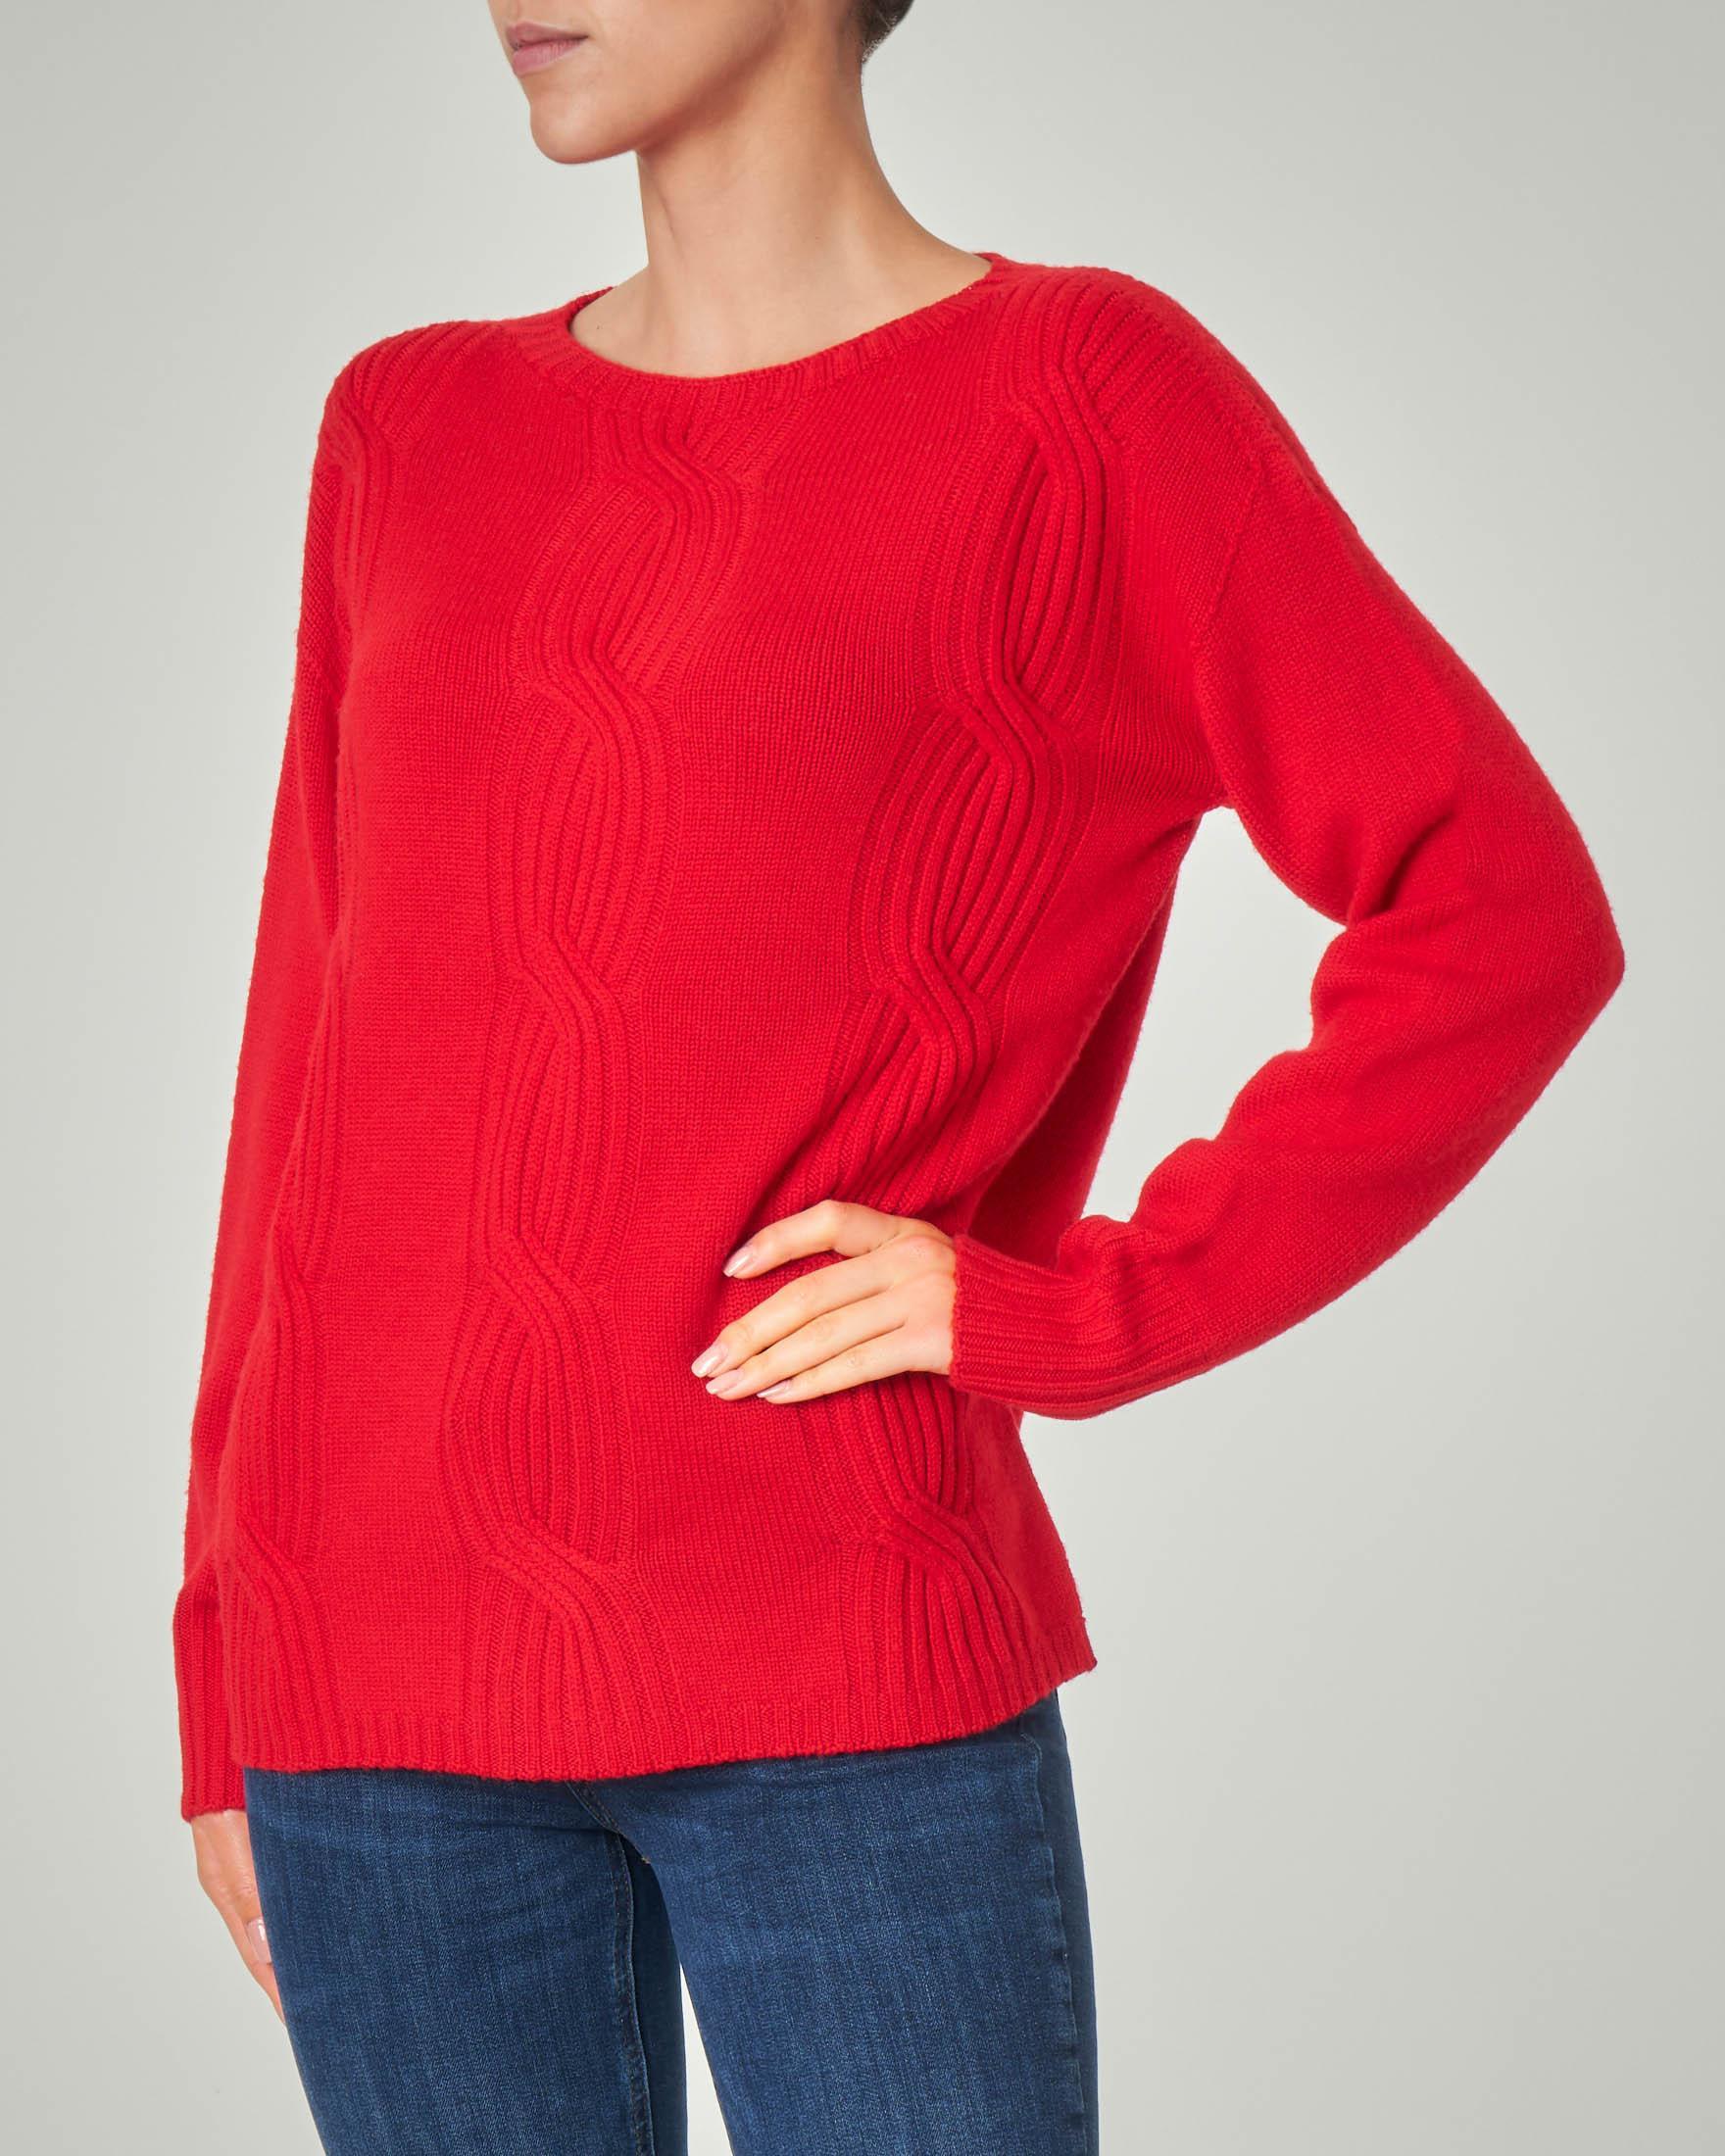 Maglia girocollo rossa in lana con lavorazione a trecce